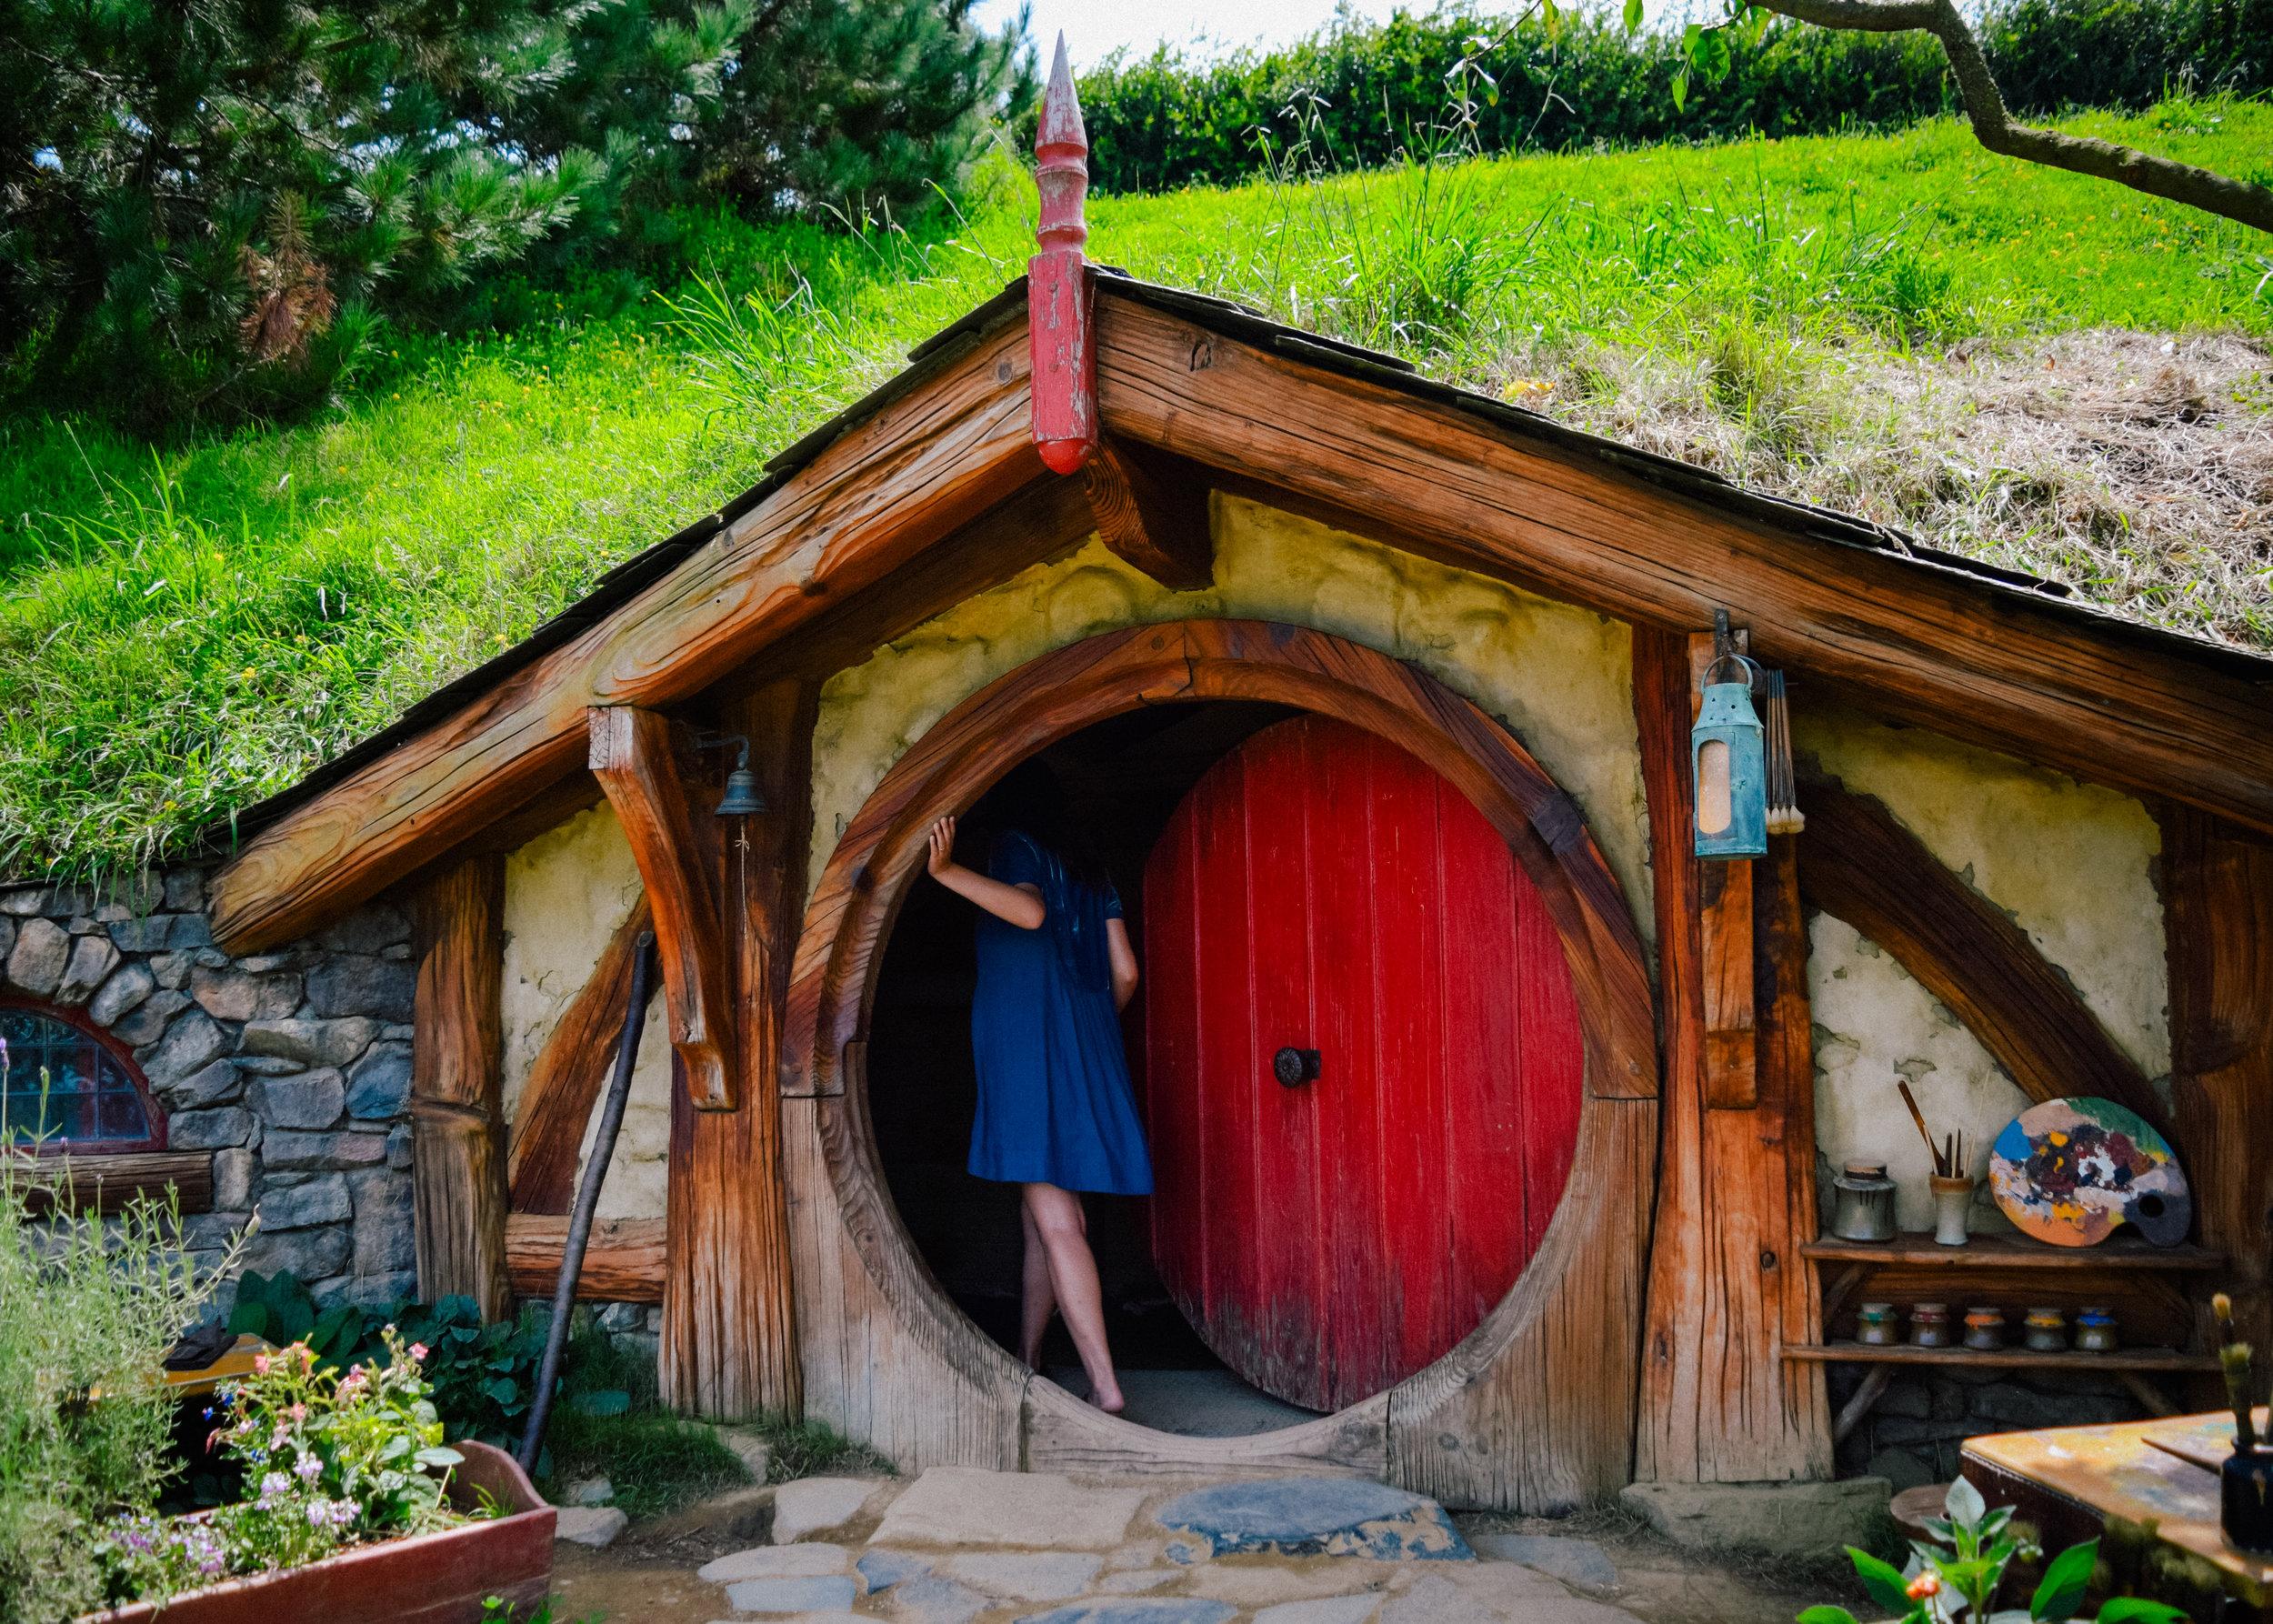 A red door in Hobbiton